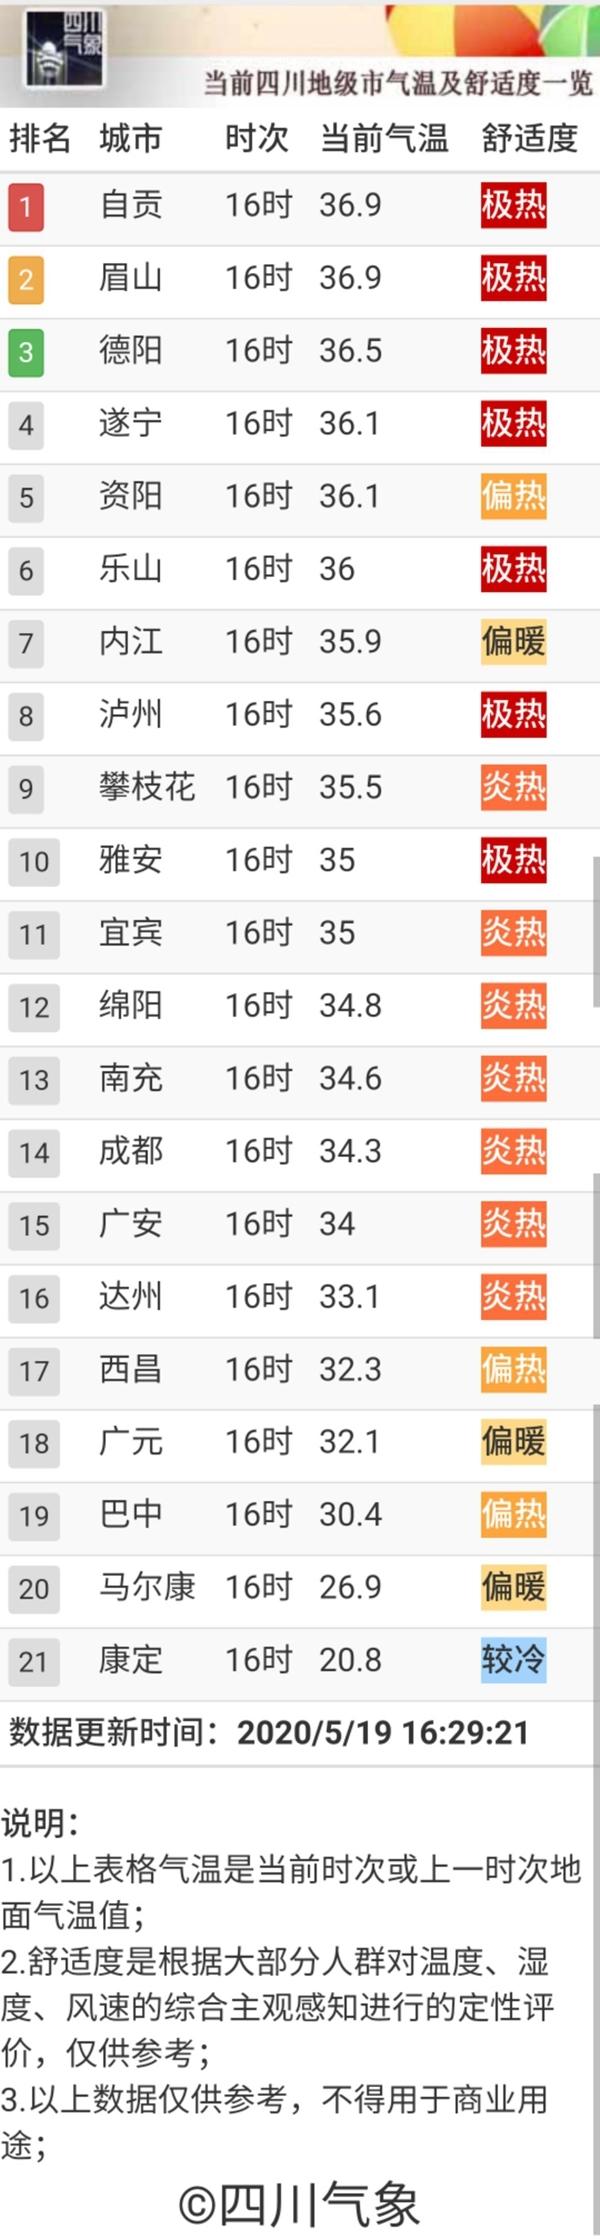 今夜,雨到四川~天公送的这份520大礼,你喜欢不?